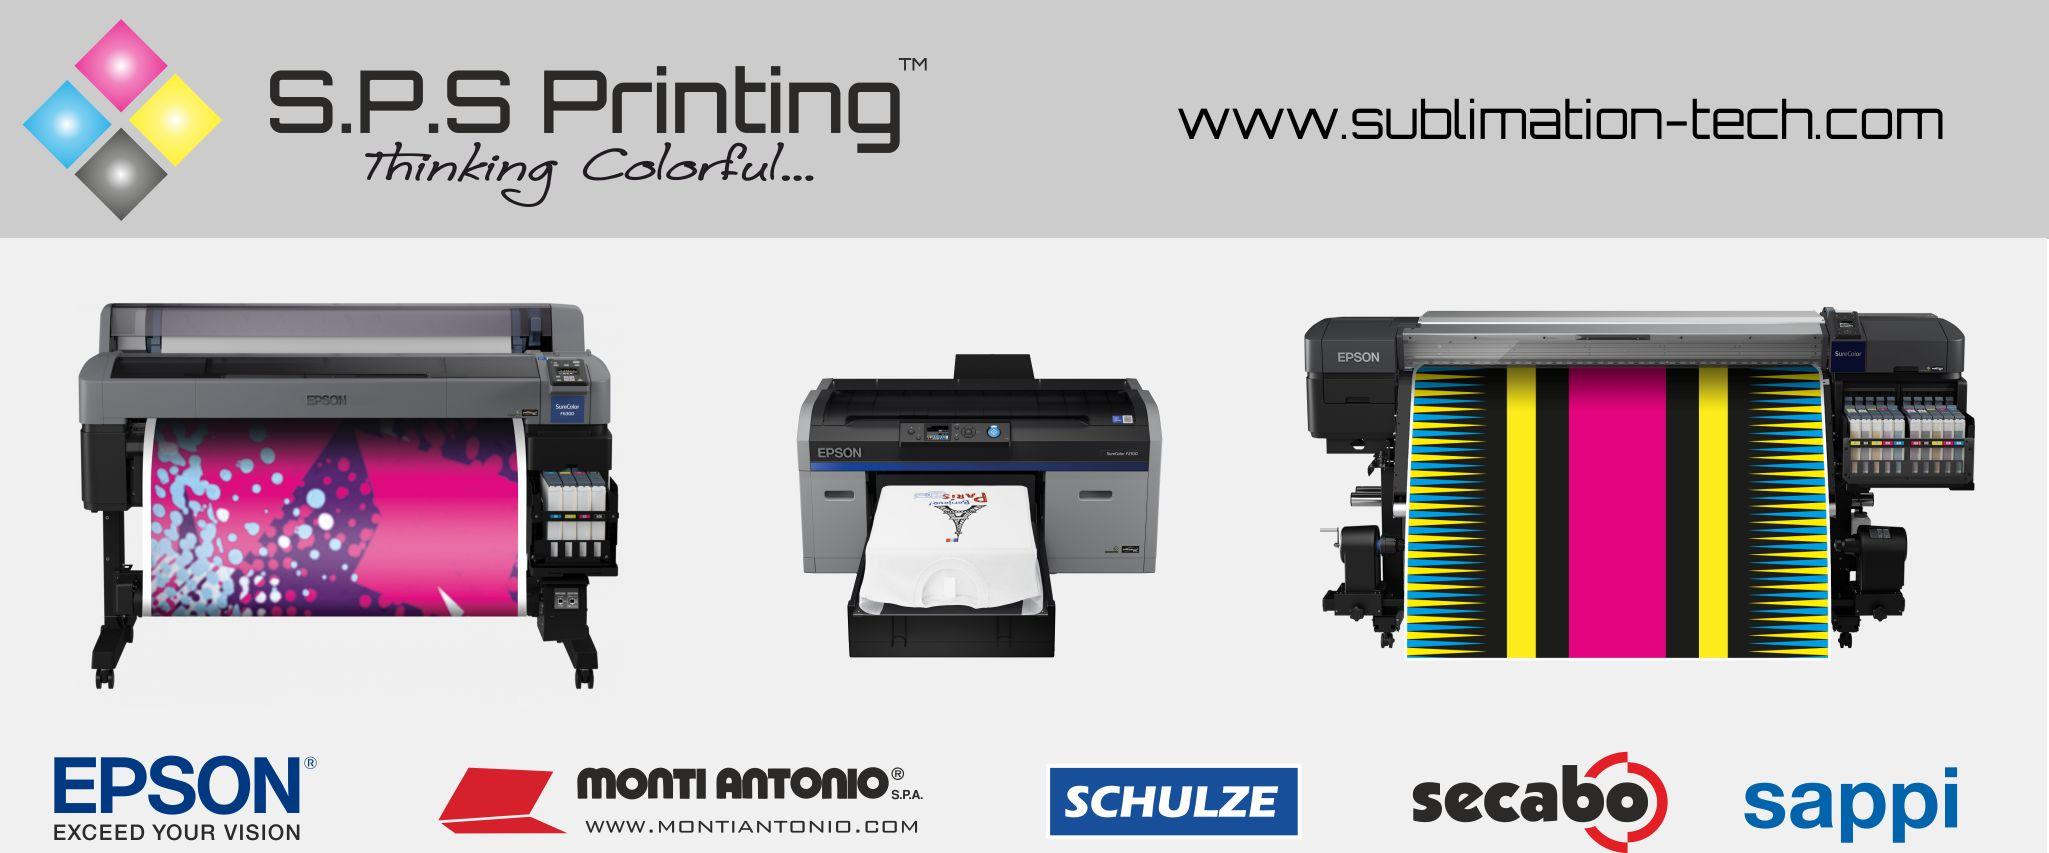 Tájékoztató az S.P.S Printing Solution jelenlegi működéséről